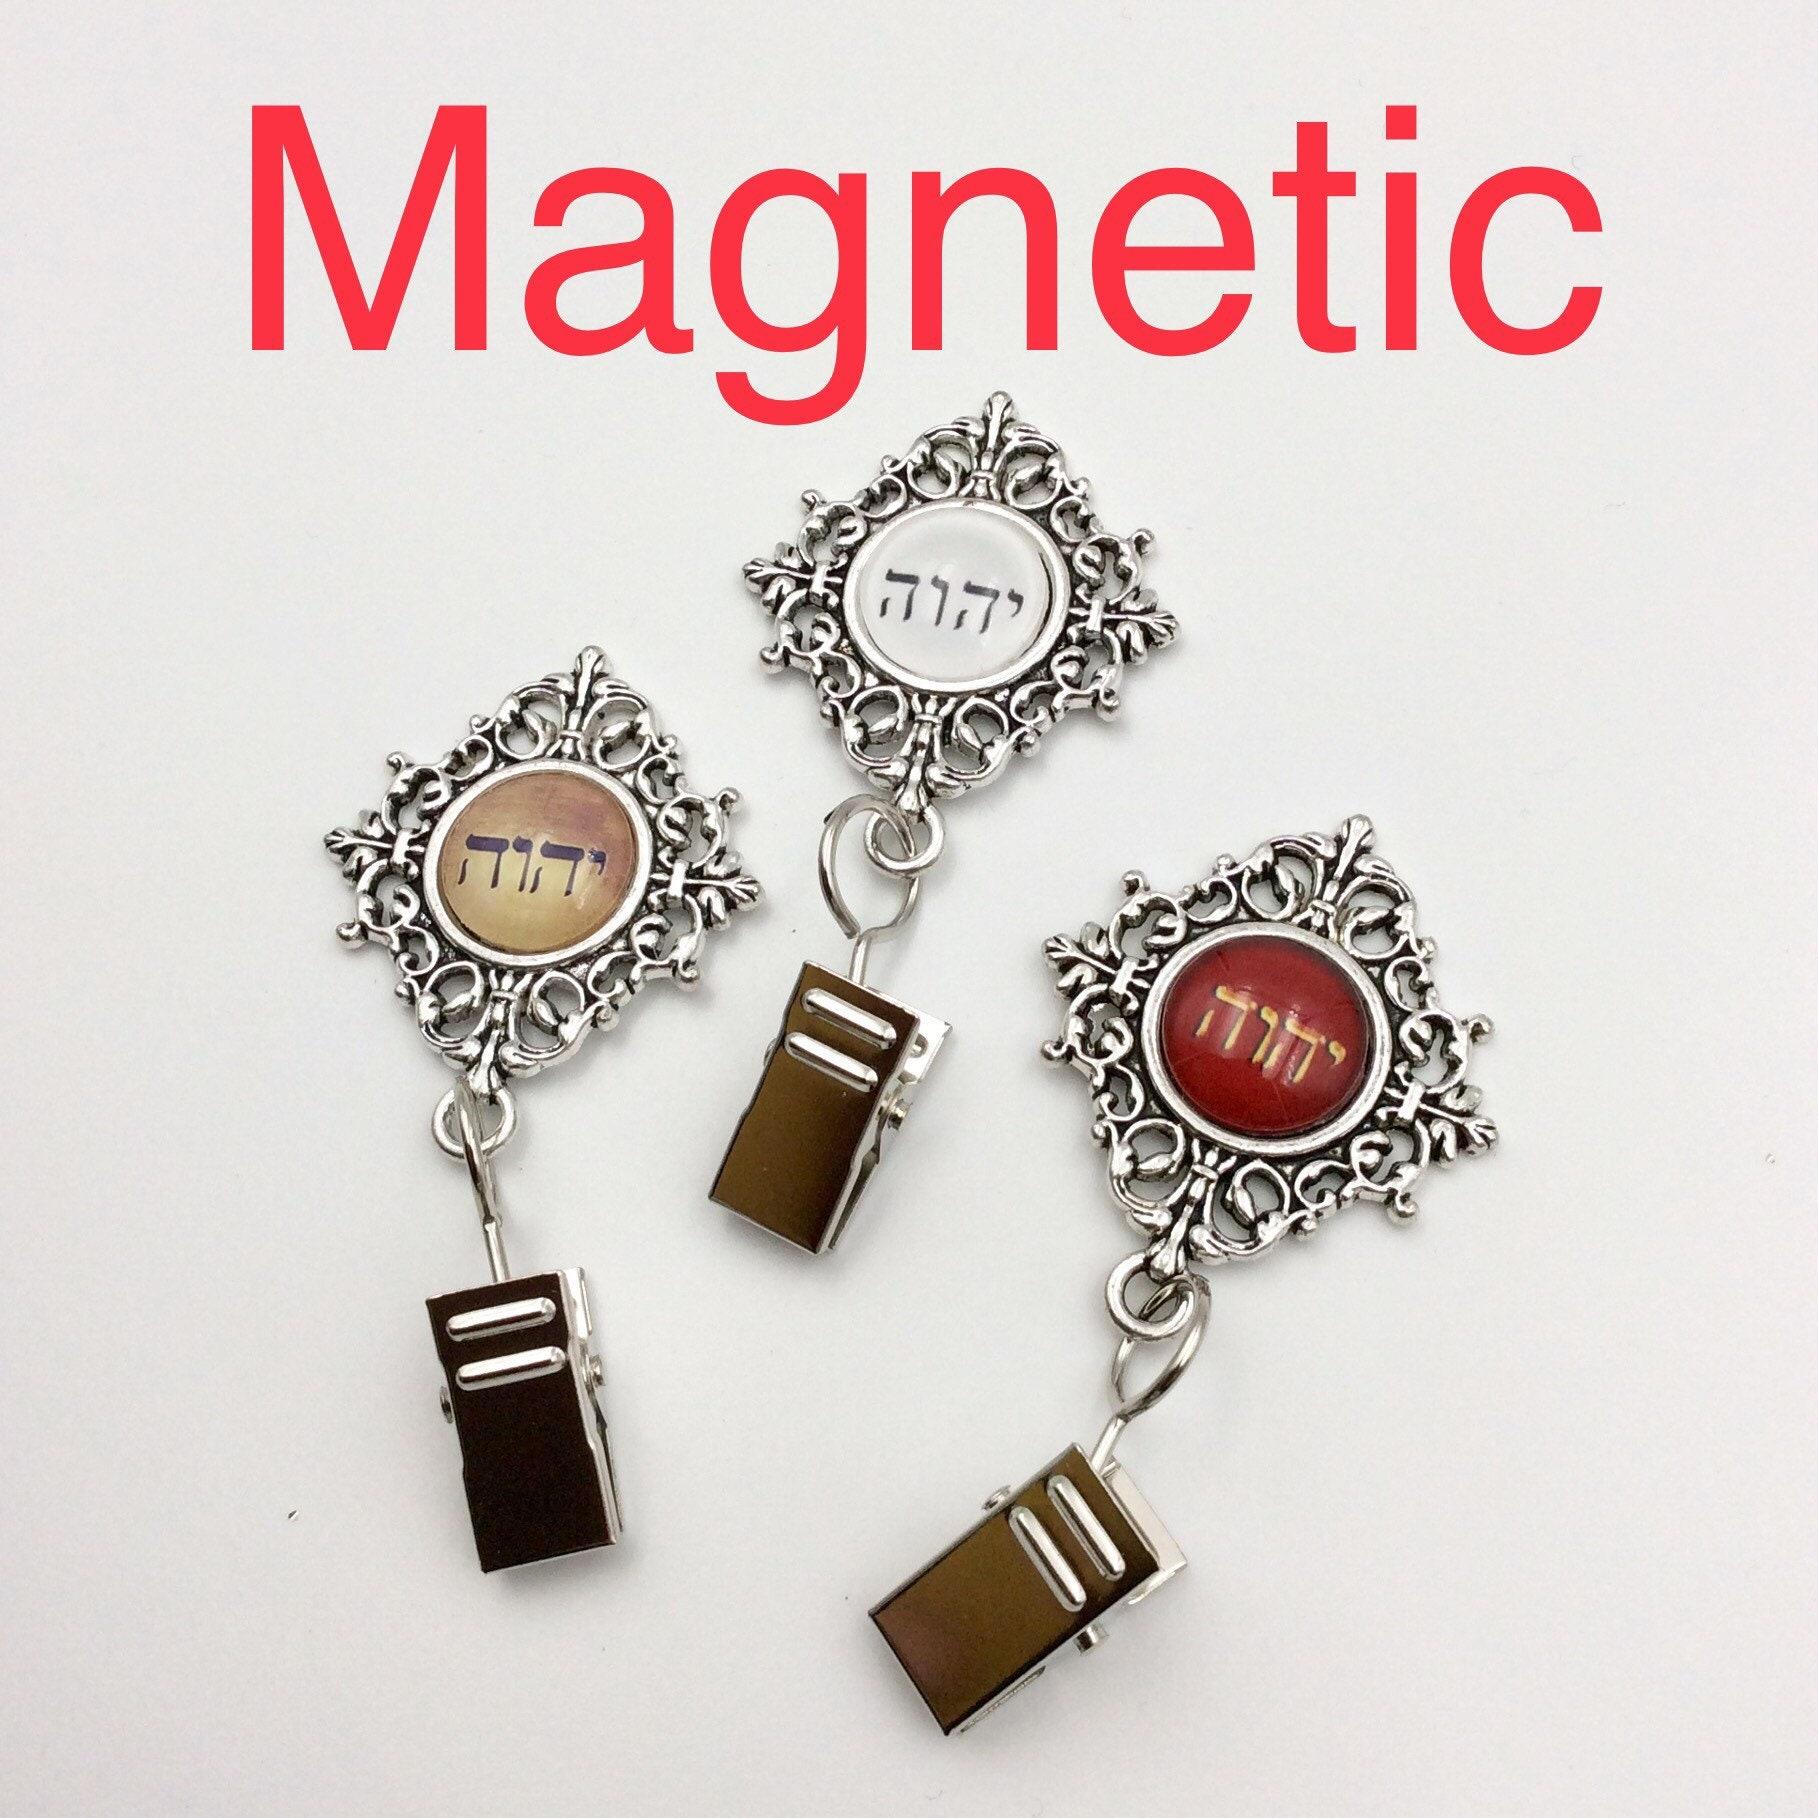 Porte carte badge jw fermeture magn tique titulaire de la etsy - Fermeture magnetique porte ...